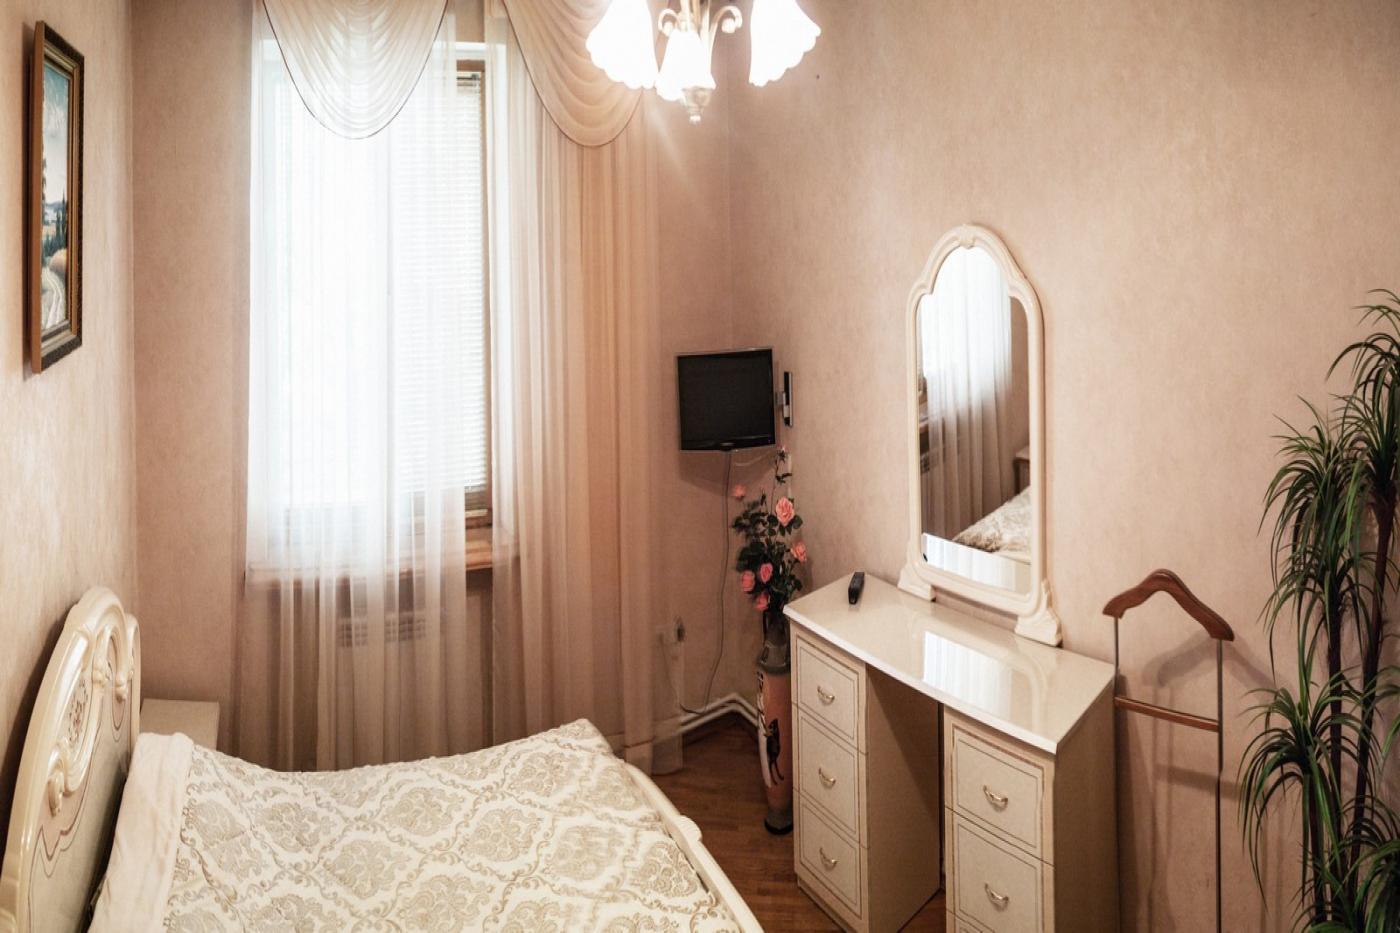 2-комнатная квартира посуточно (вариант № 1460), ул. Большая Морская улица, фото № 3